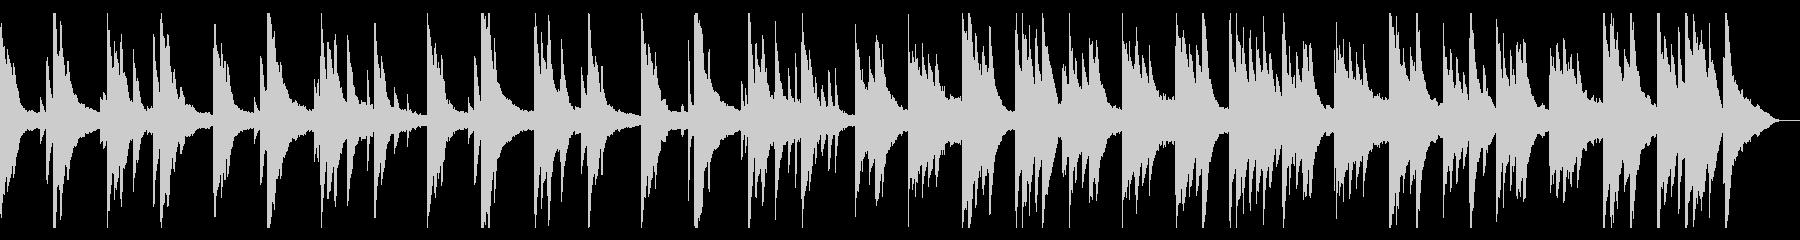 日常系の静かなピアノBGMの未再生の波形